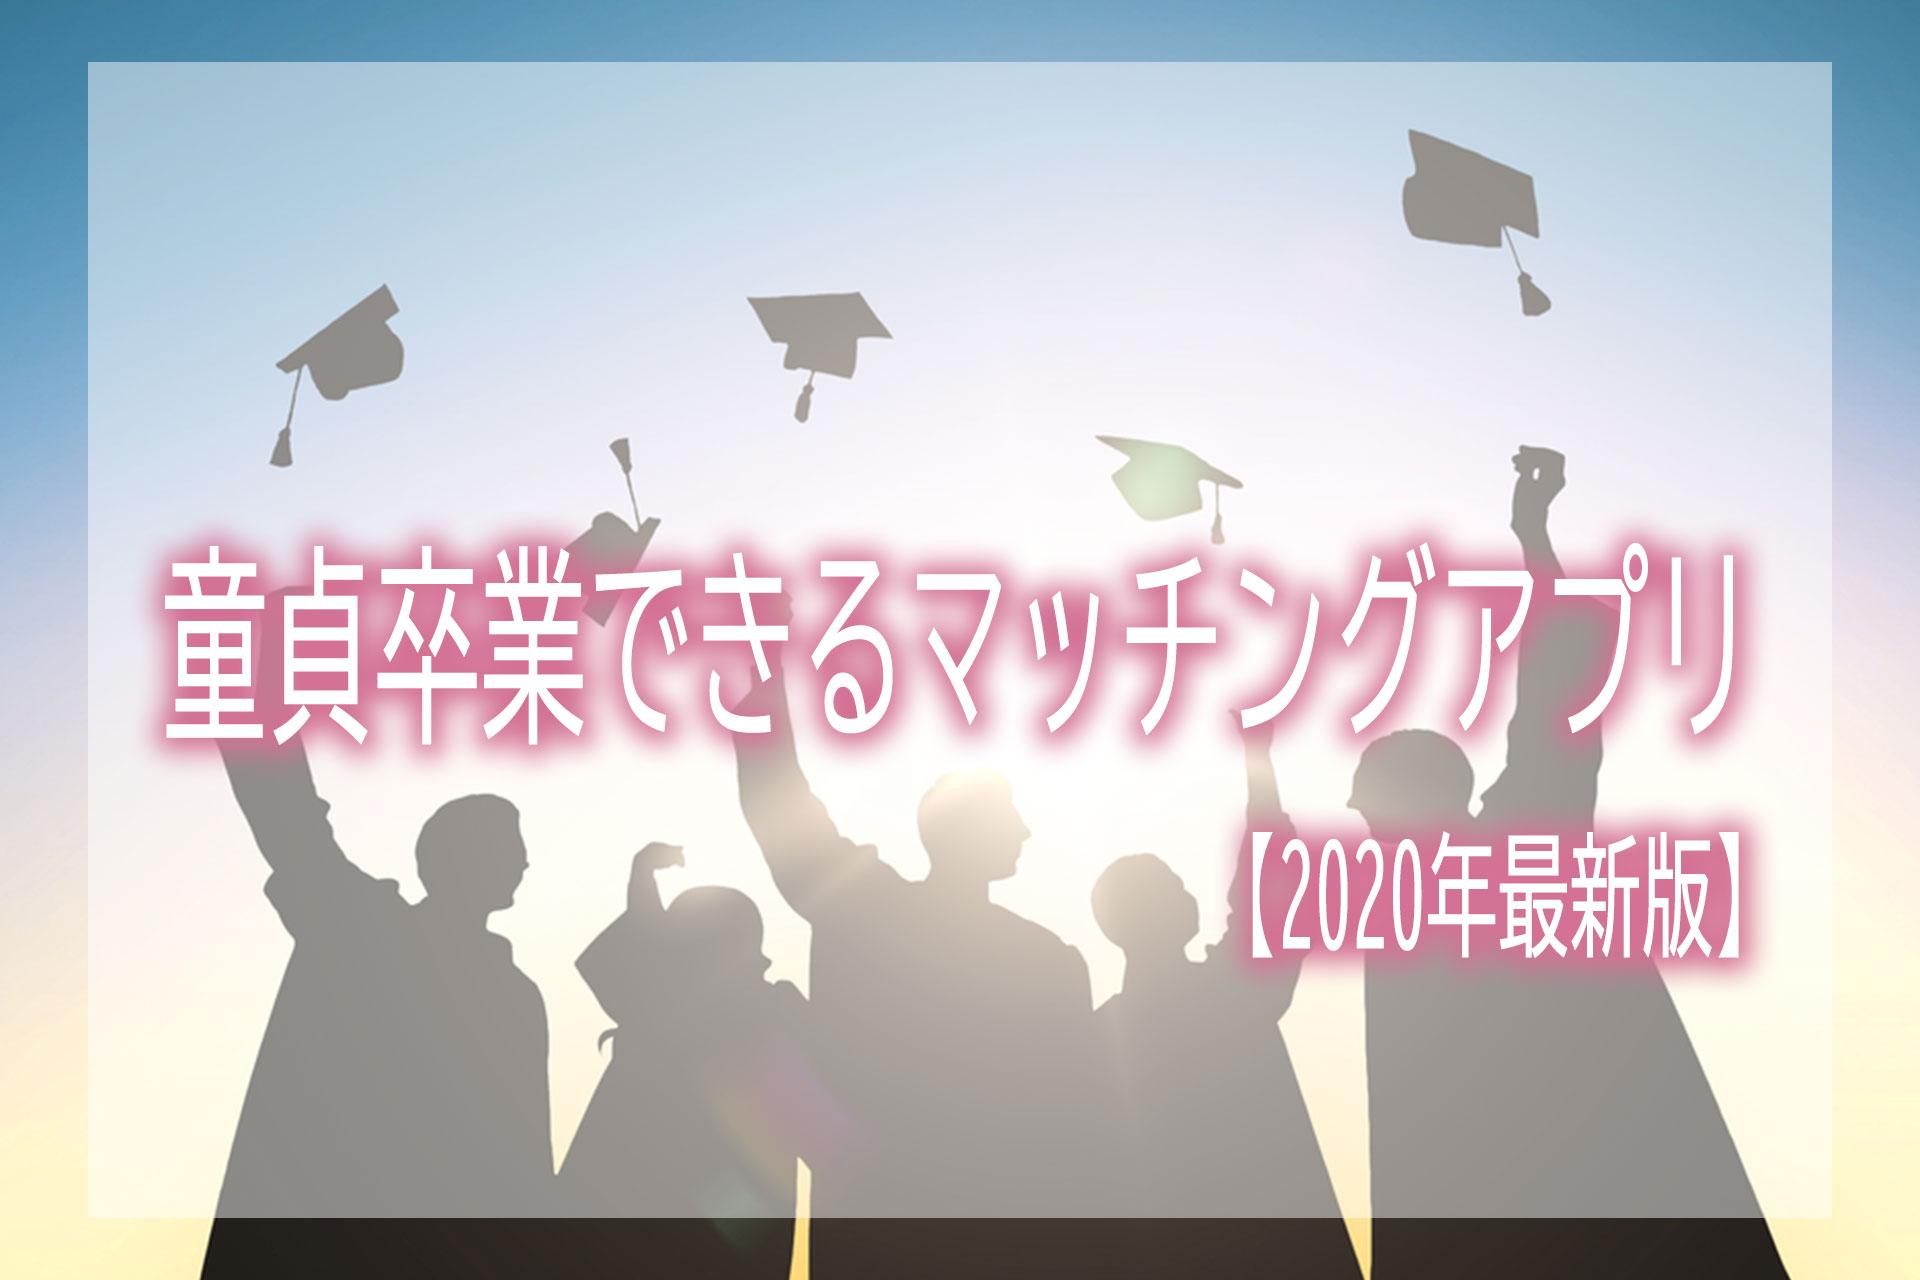 童貞卒業におすすめのマッチングアプリ6選!【2020年最新版】